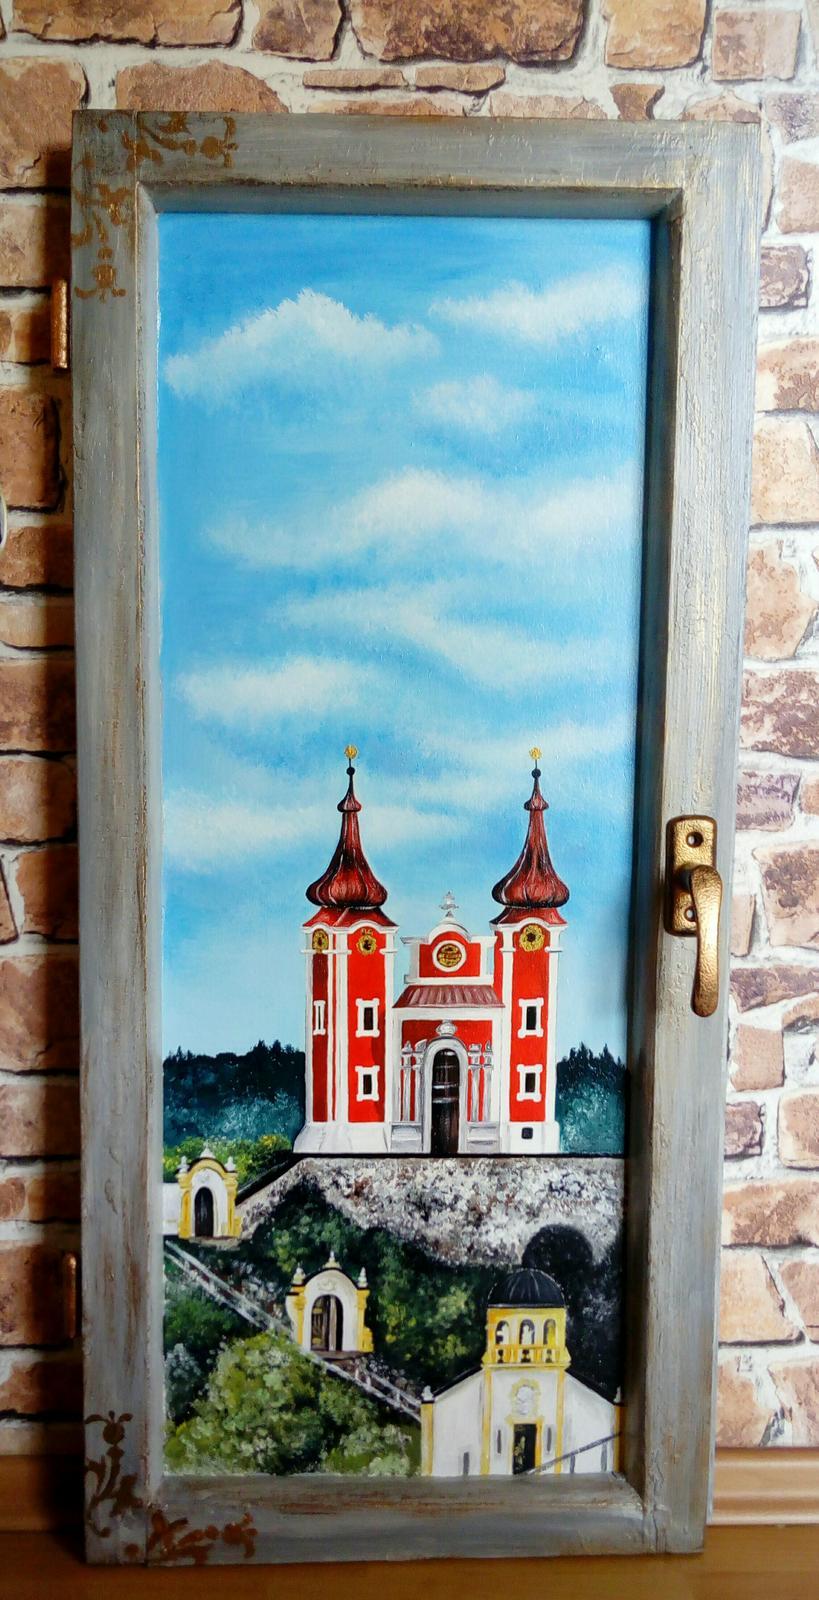 Obraz v starom okne Banská Štiavnica Kalvária - Obrázok č. 1